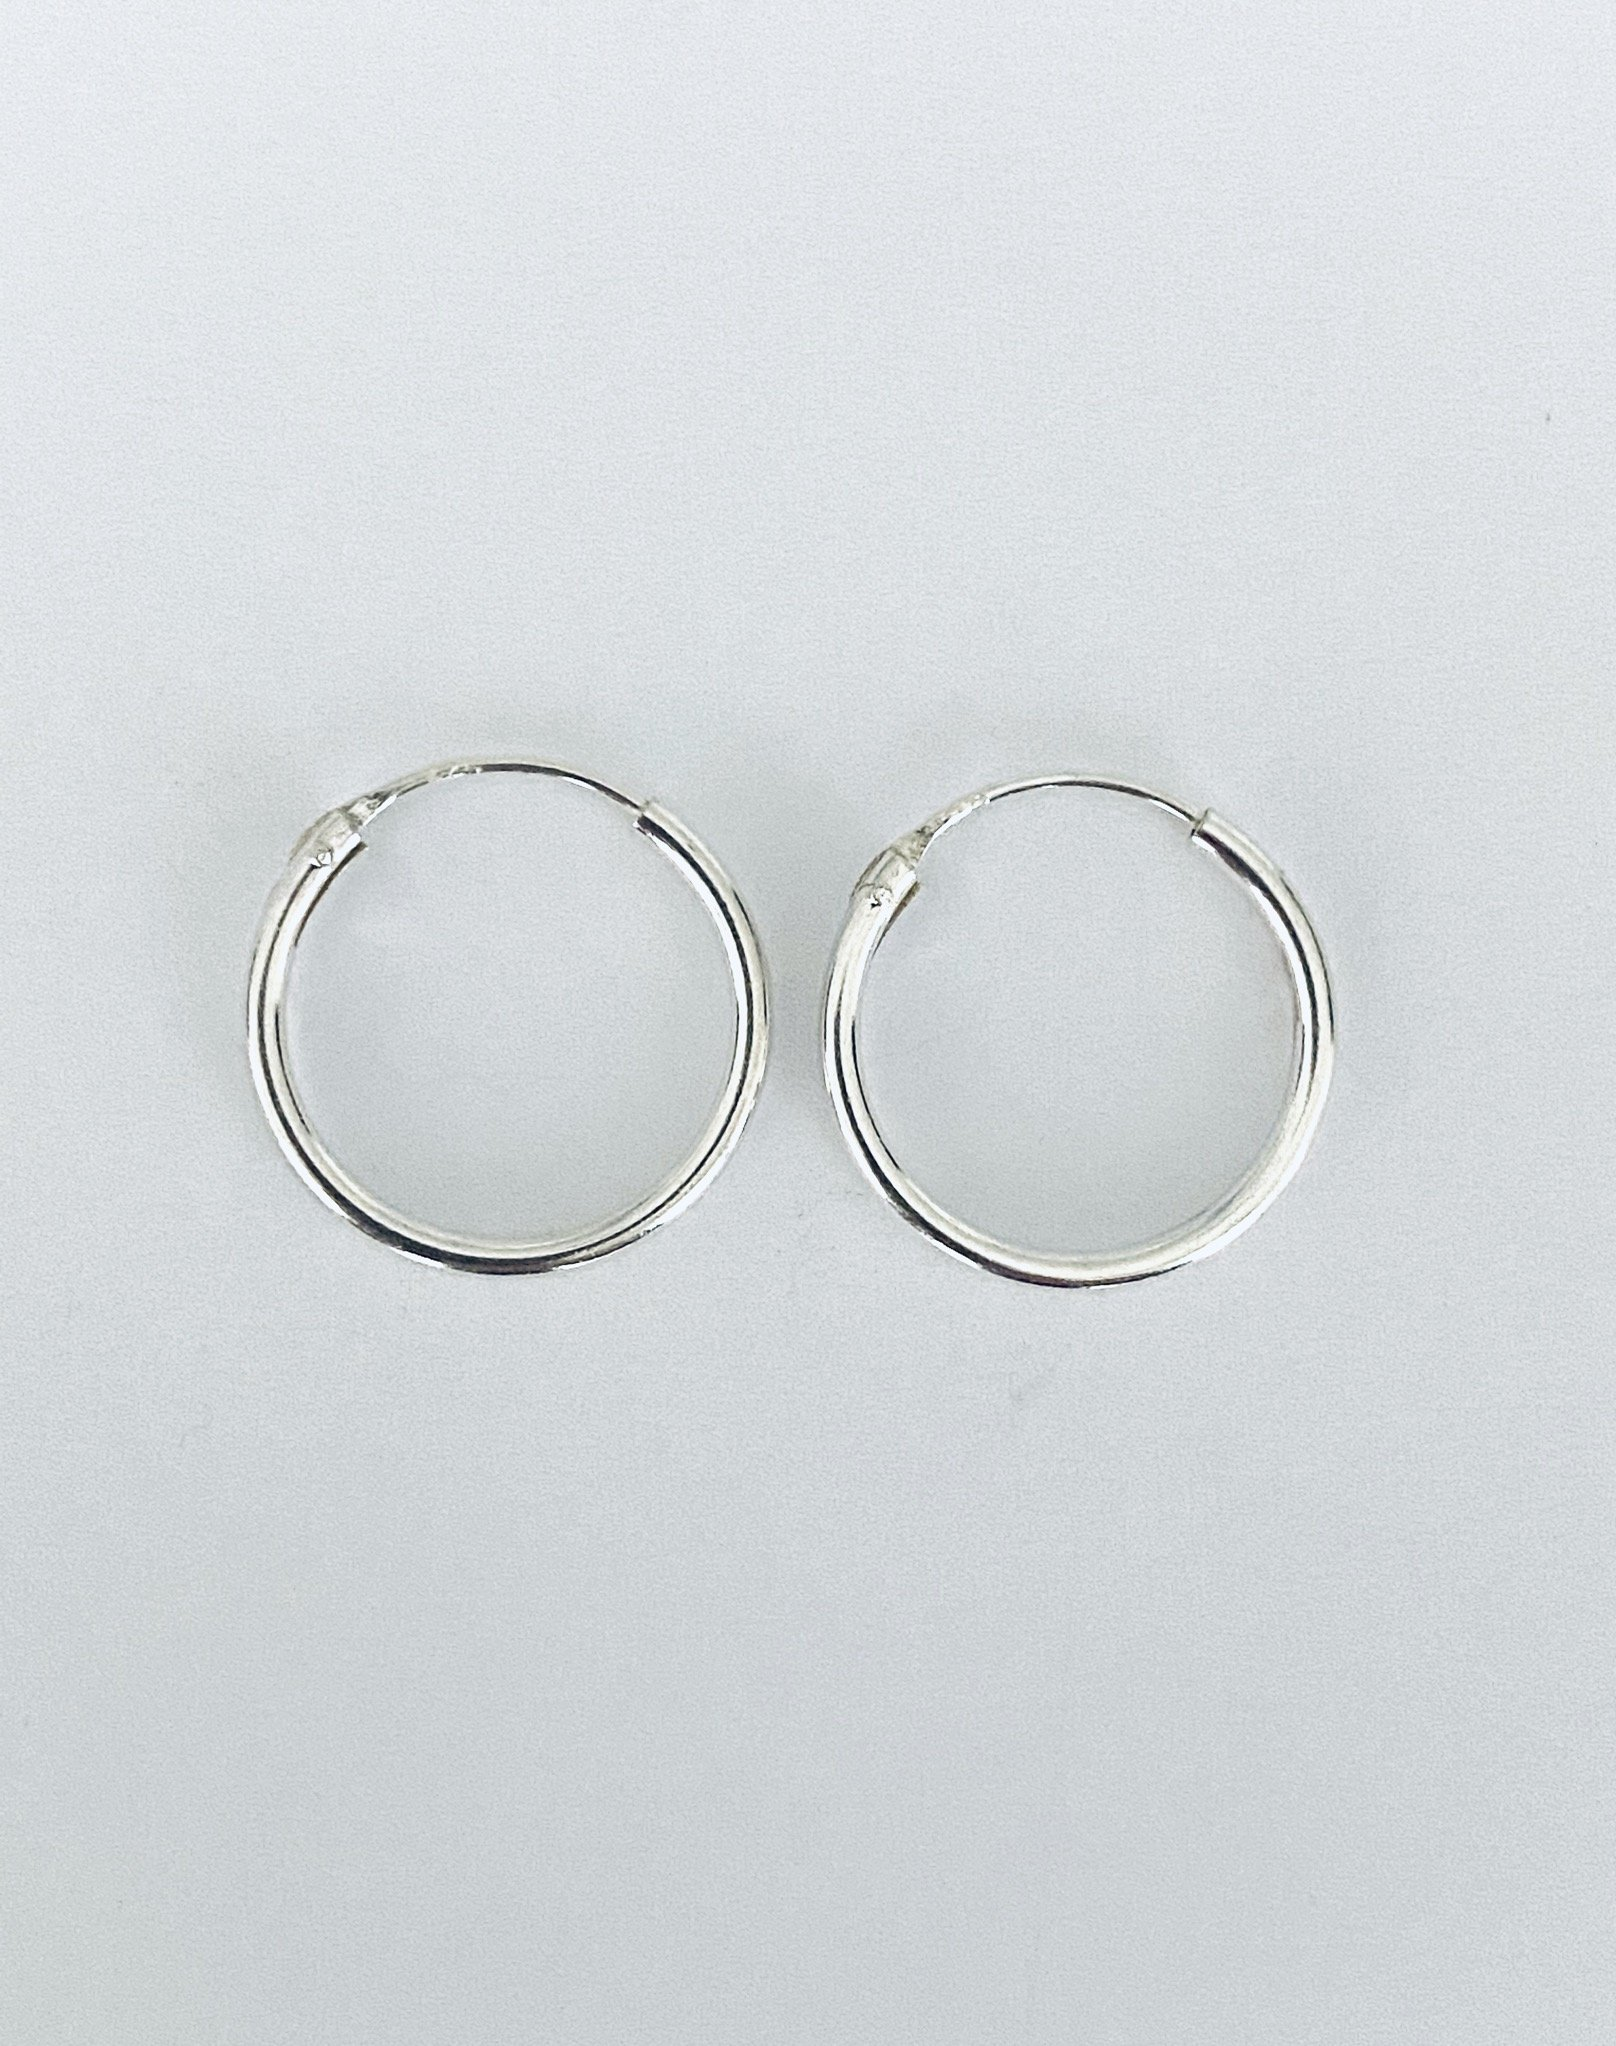 Zilveren oorringetjes. 14 mm.